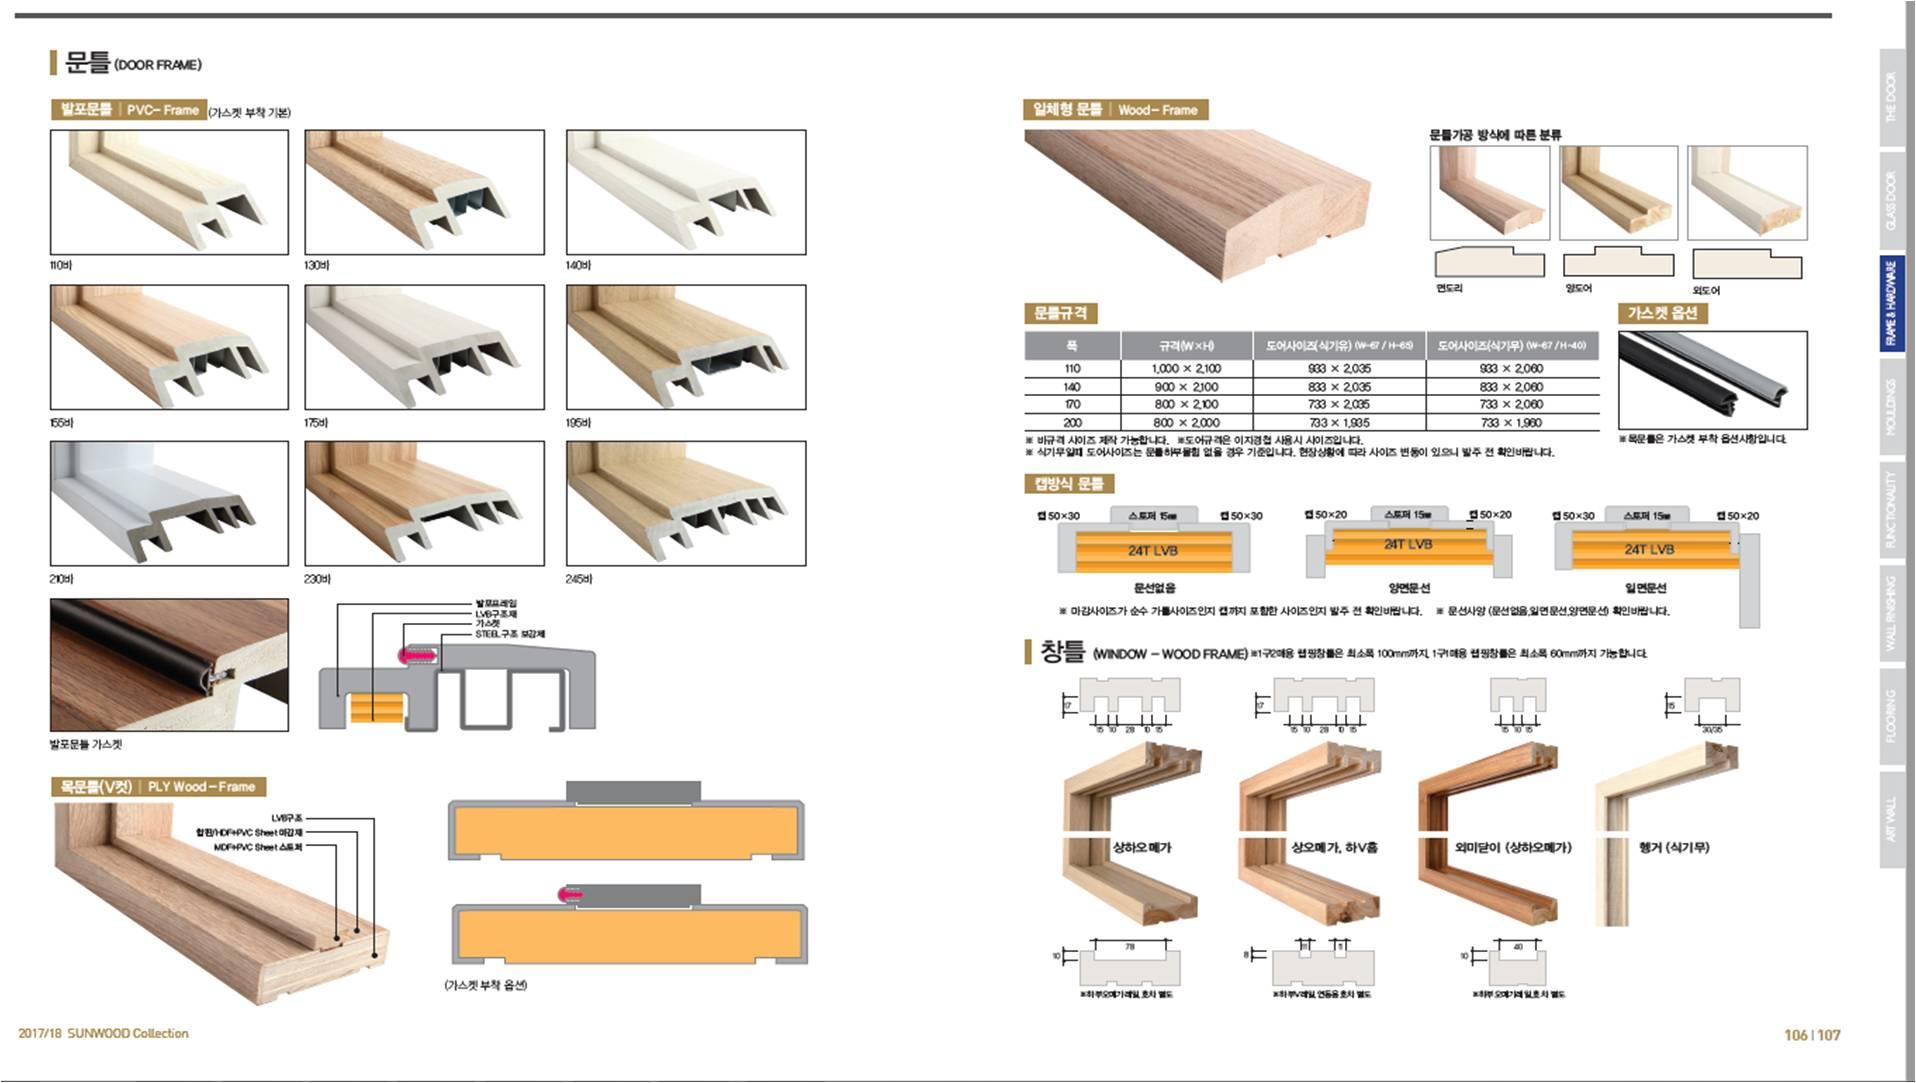 Wooden frame, PVC Frame